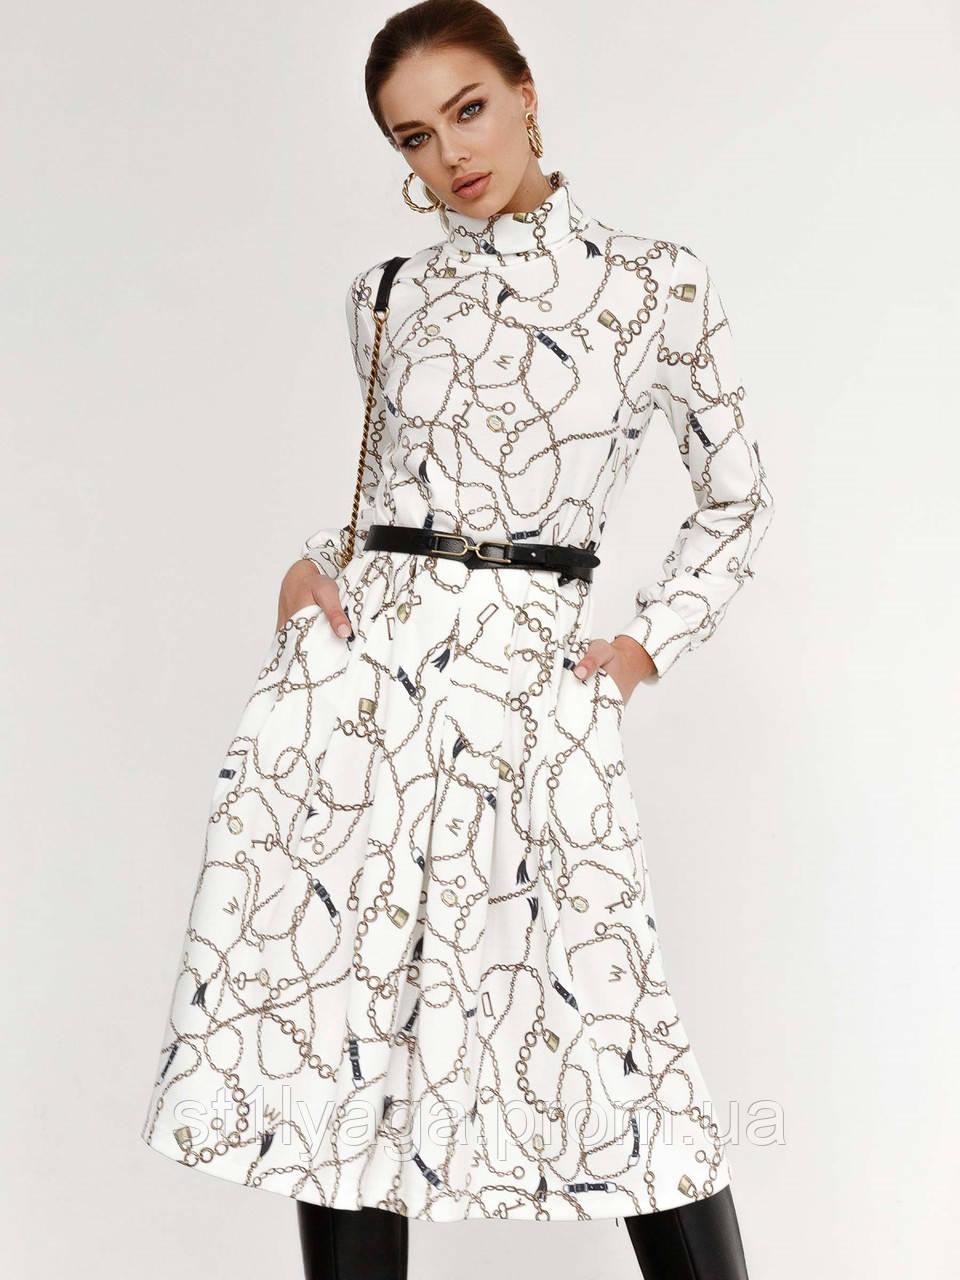 Біла трикотажна сукня-міді з принтом і високим коміром